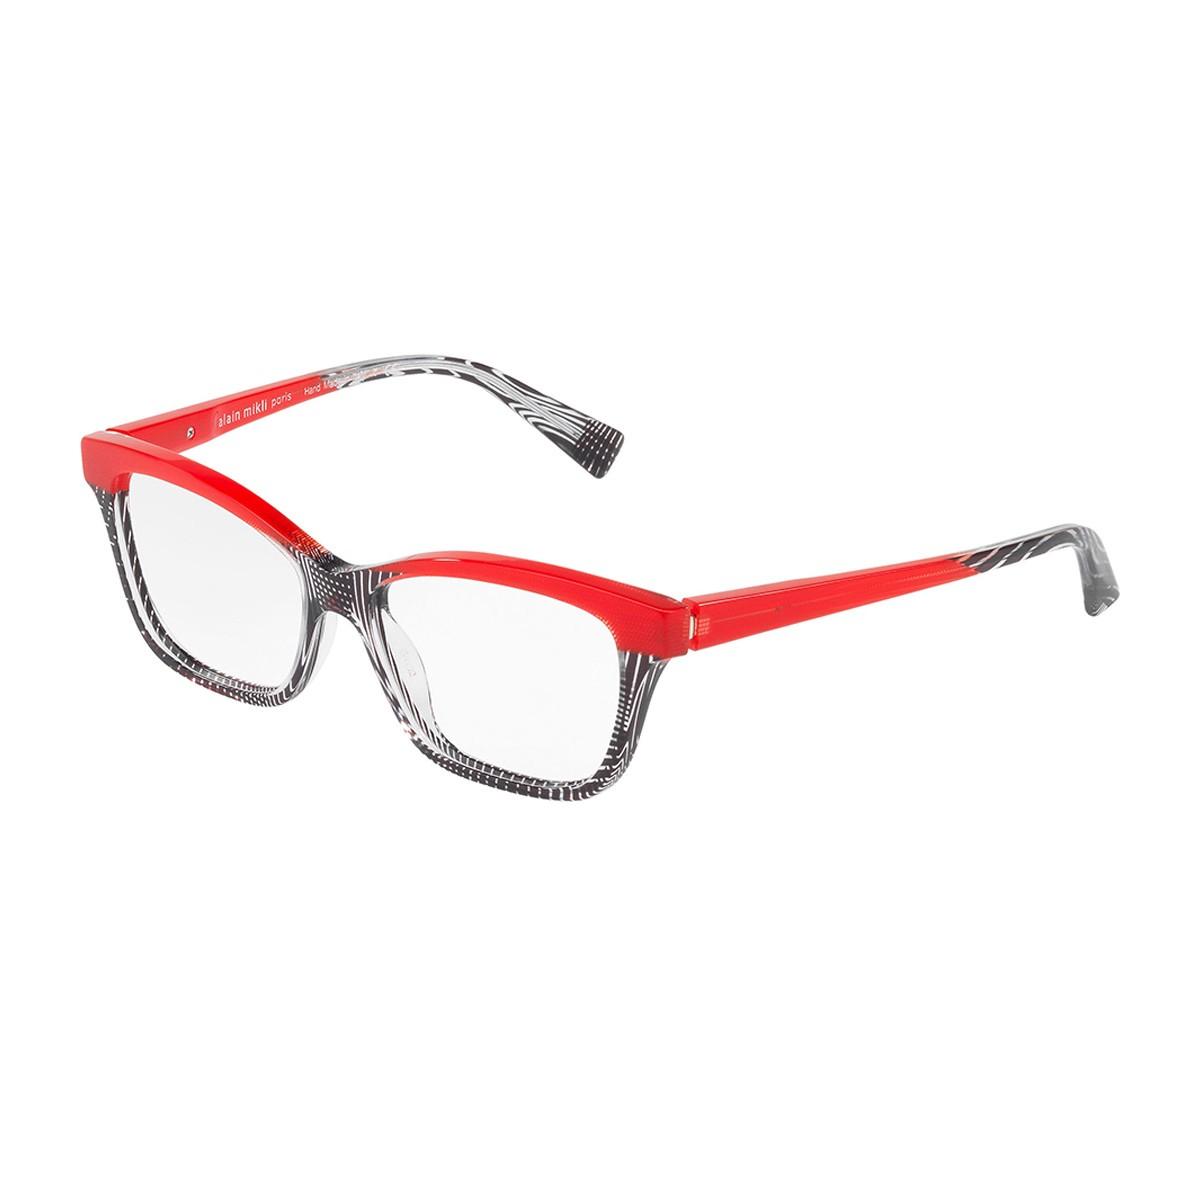 Alain Mikli AO3037   Women's eyeglasses